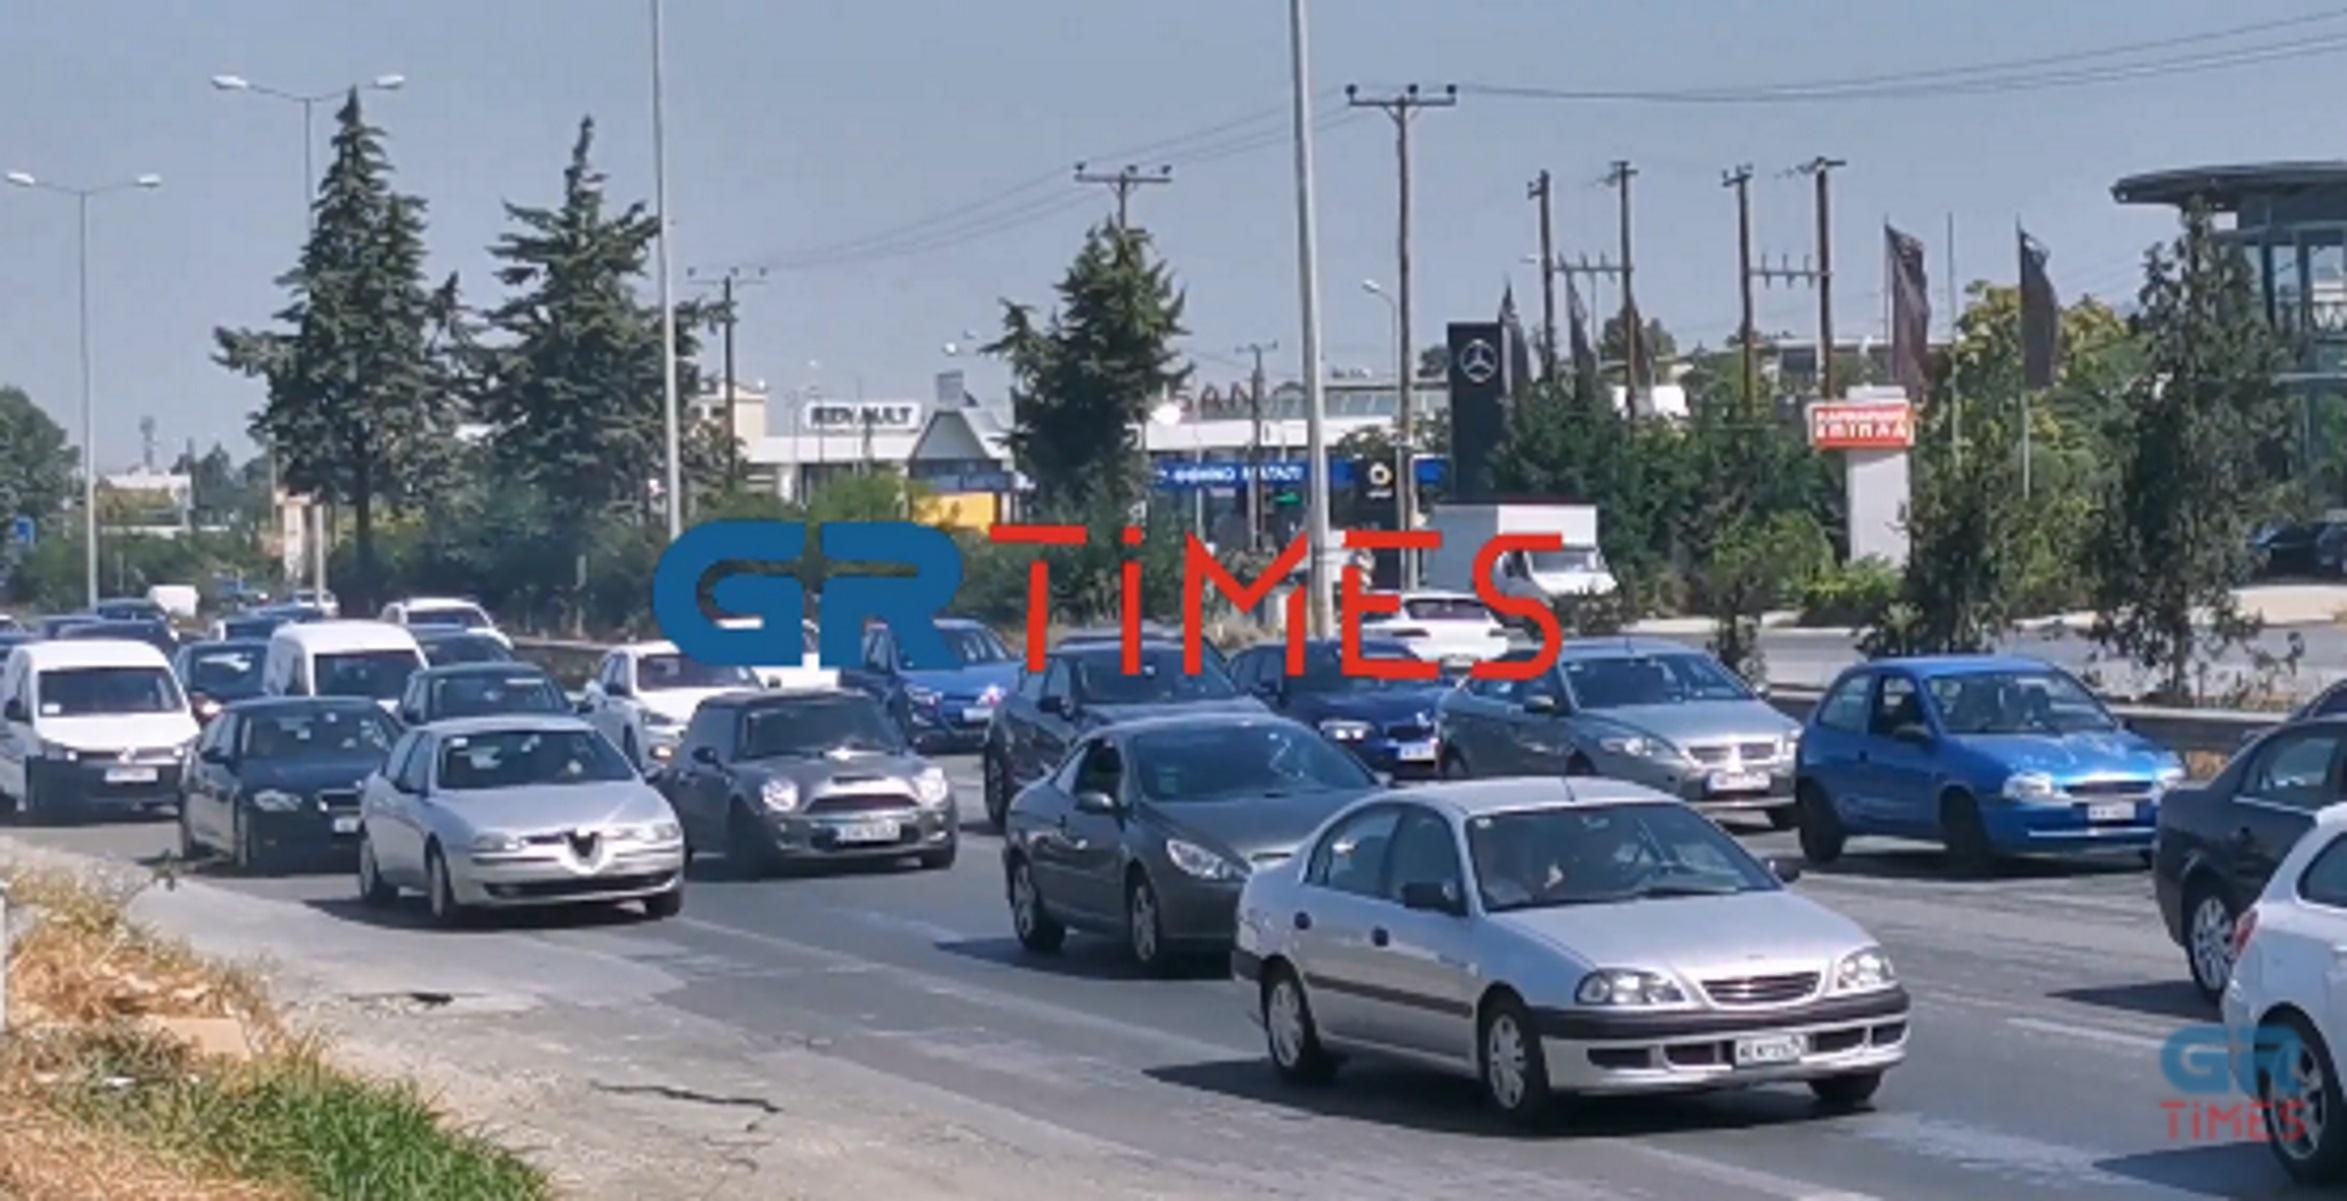 Μποτιλιάρισμα στην έξοδο των Θεσσαλονικέων για Χαλκιδική (video)